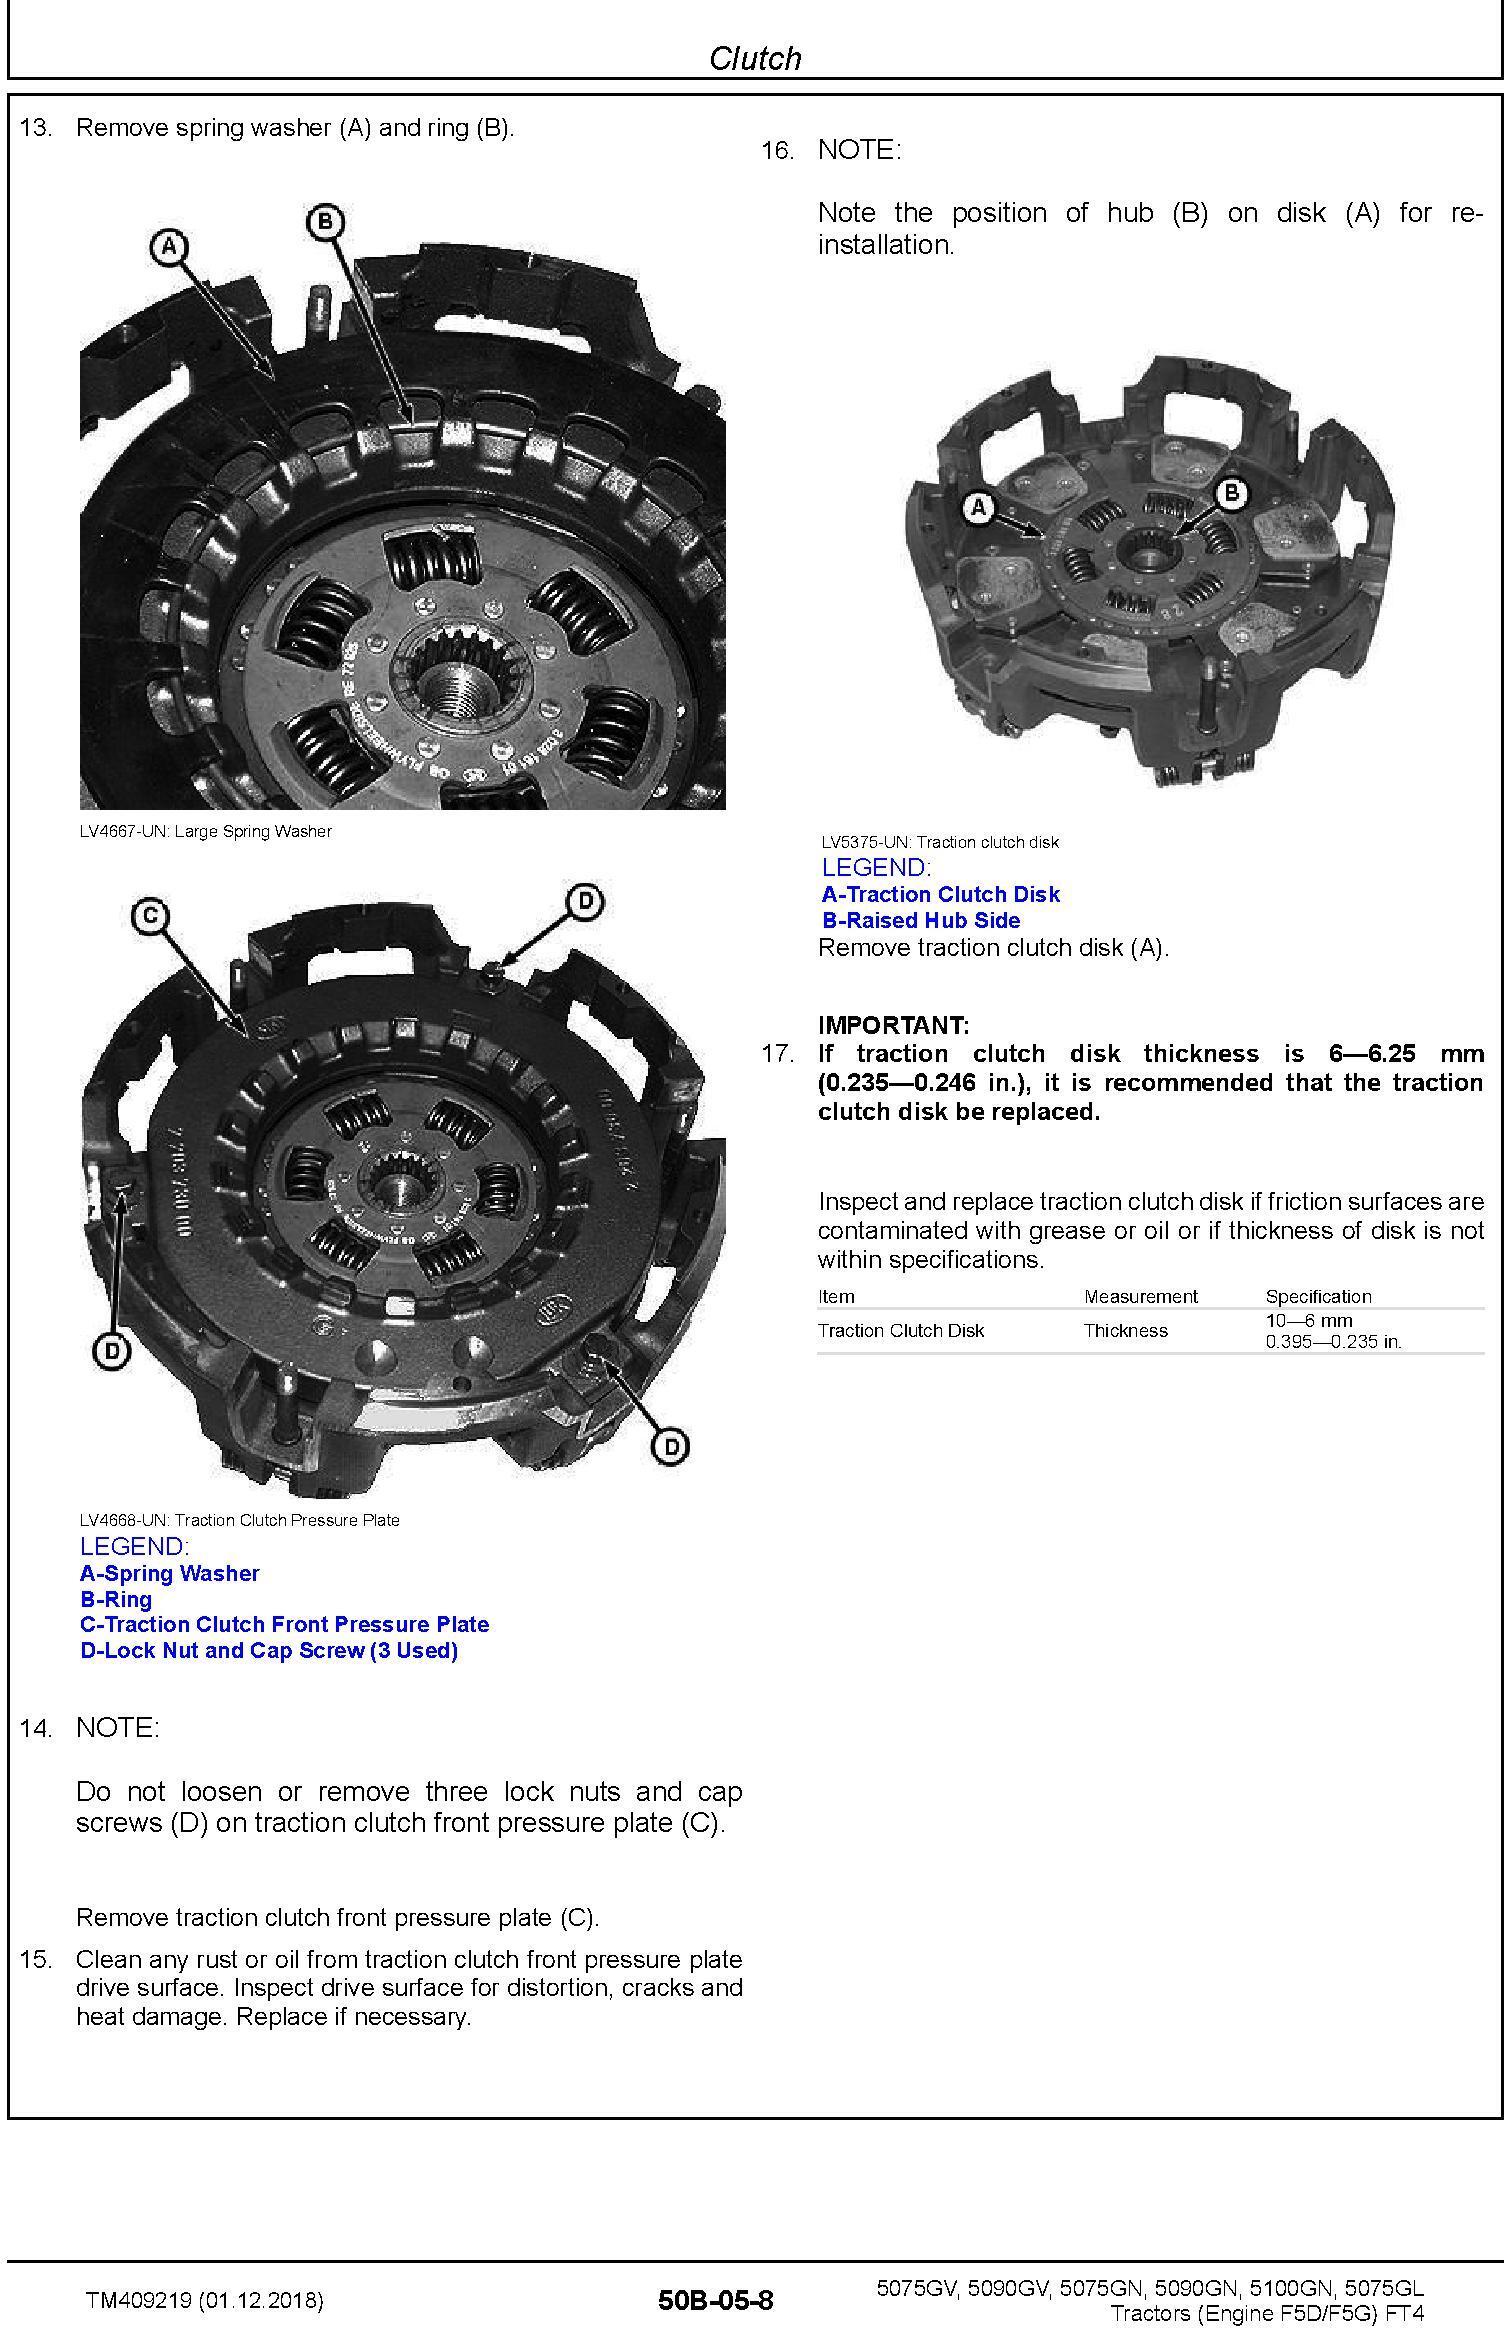 John Deere 5075GL,5075GV, 5075GN, 5090GV,5090GN, 5100GN MY2016-19 Tractors Repair Manual (TM409219) - 2